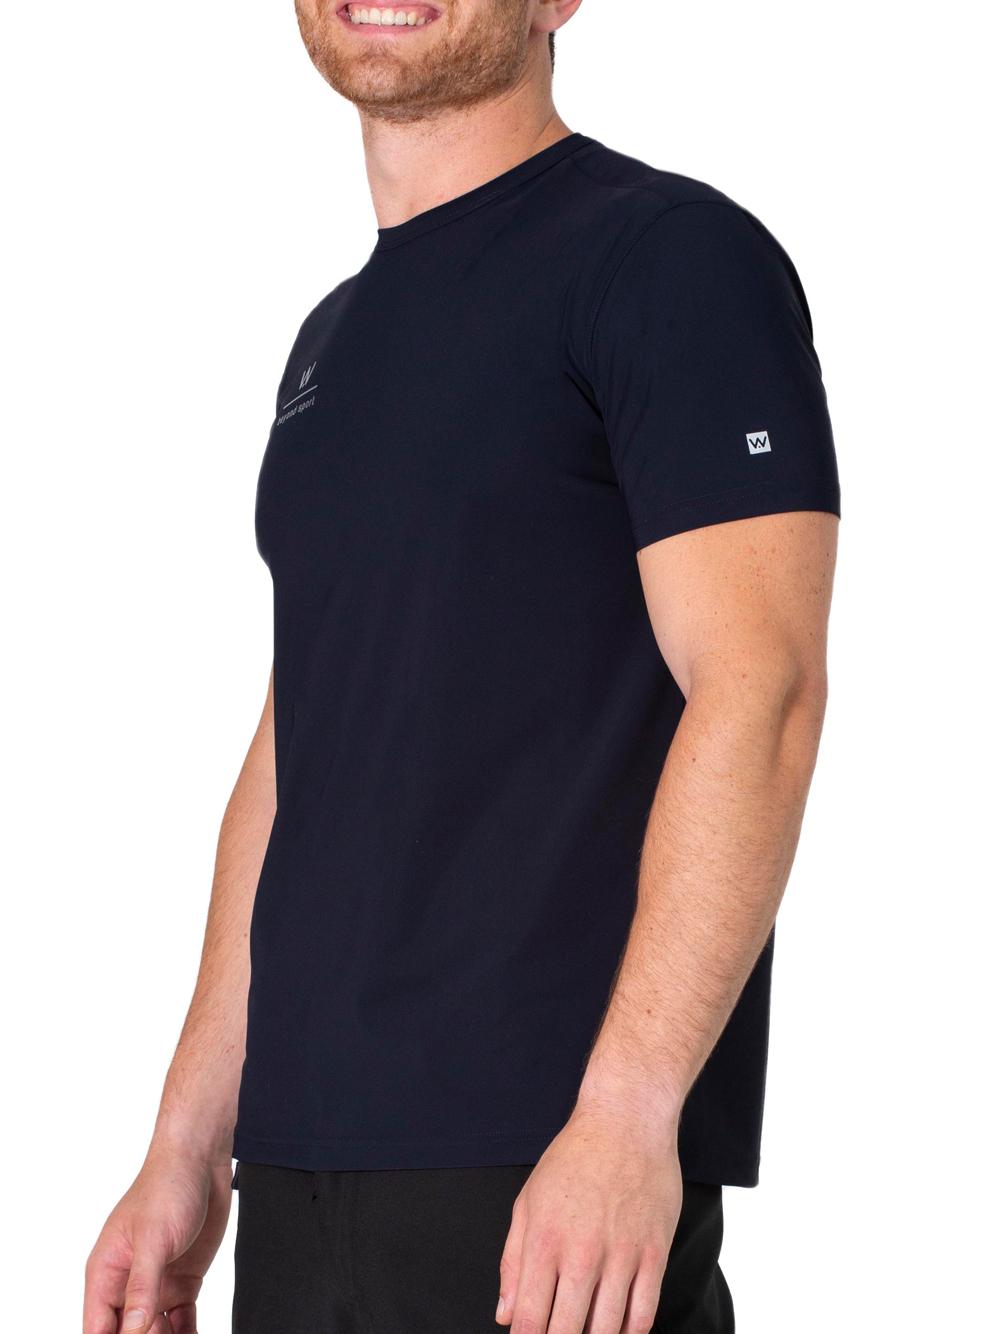 T-shirt uomo sport padel Shangai Gialla